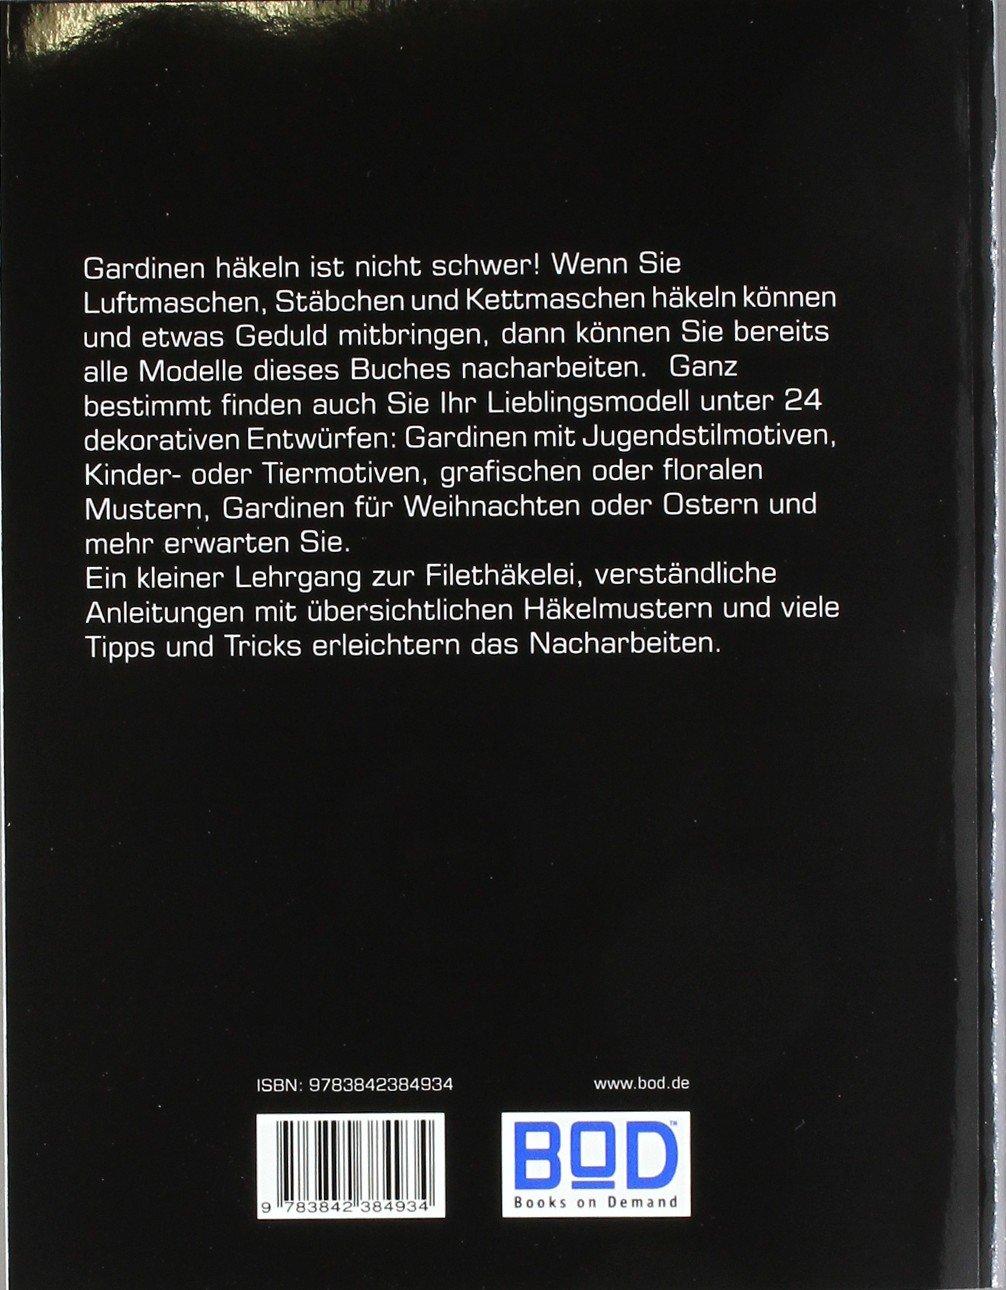 Gehäkelte Gardinen 2 Amazonde Elke Selke Bücher